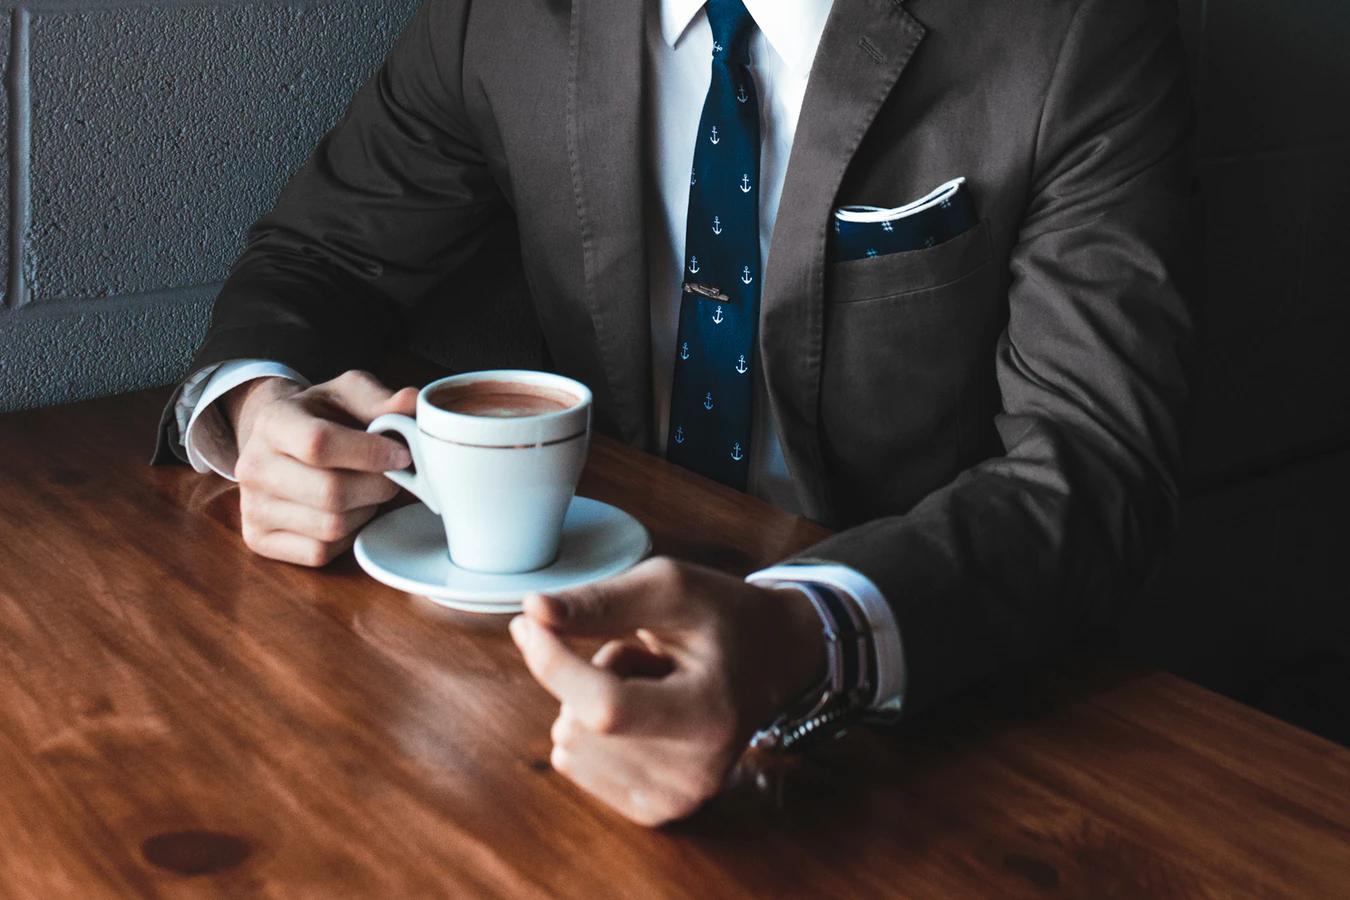 Osoba w formalnym garniturze pijąca kawę przy brązowym stole